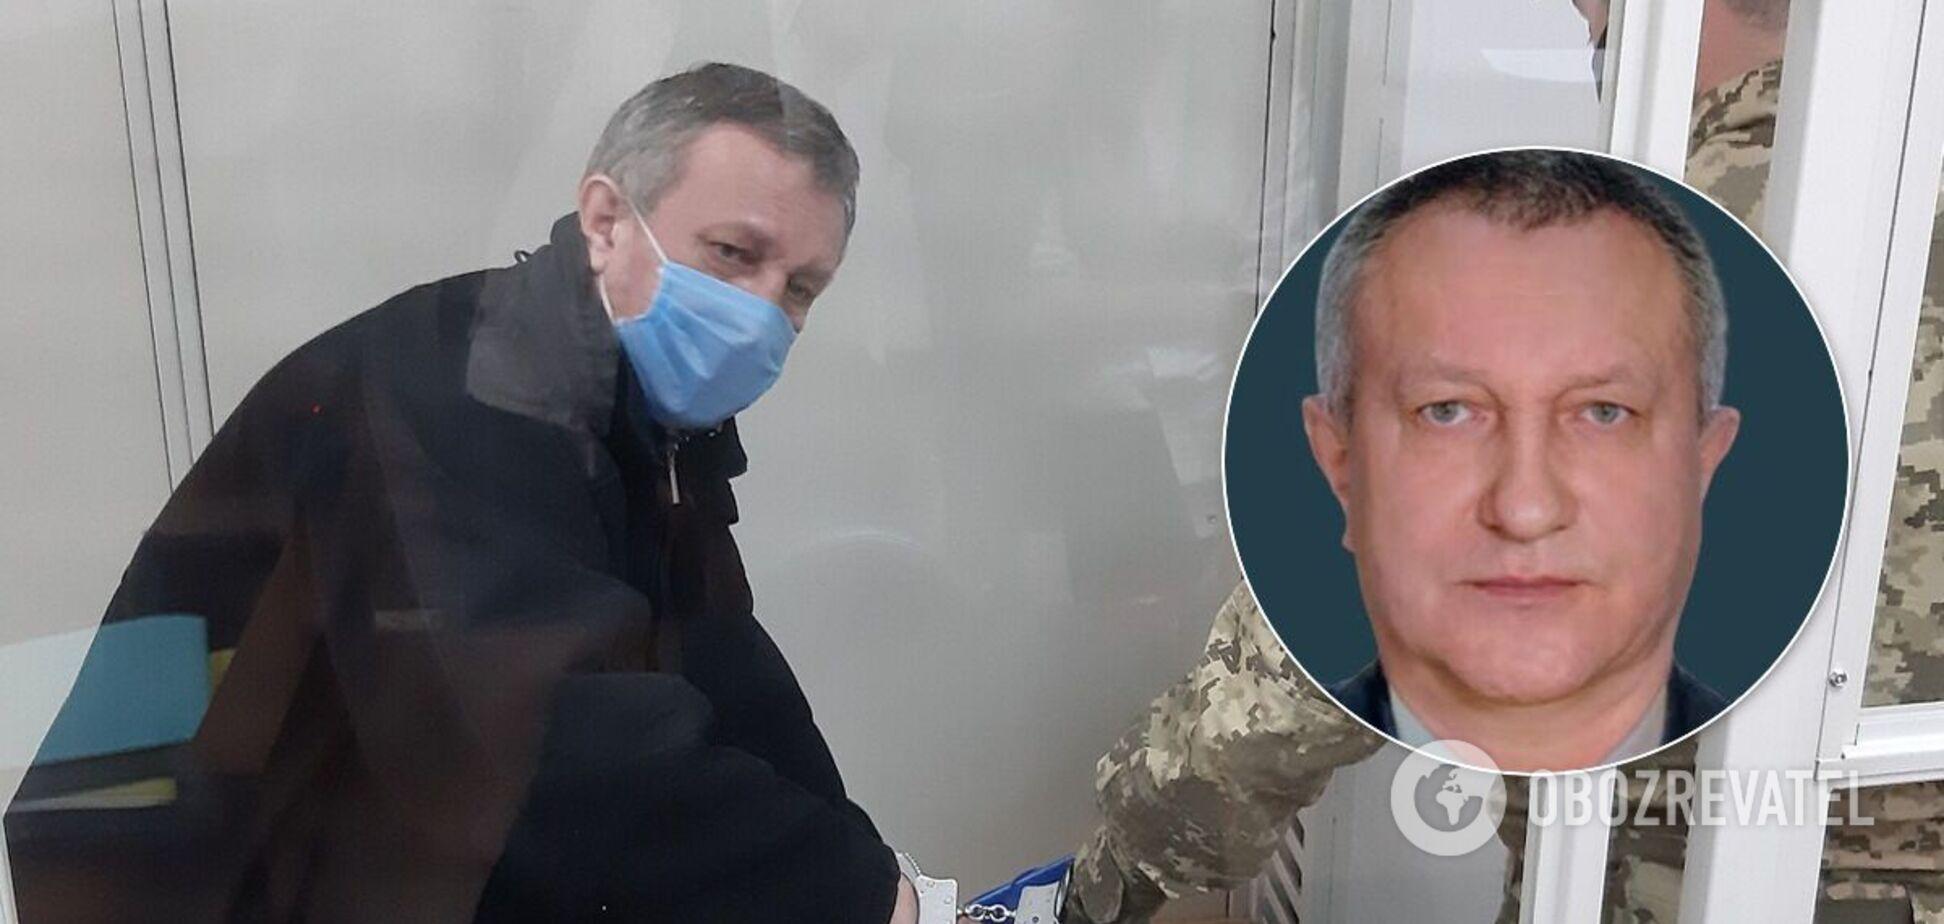 Суд оставил под стражей подозреваемого в госизмене генерала СБУ Шайтанова